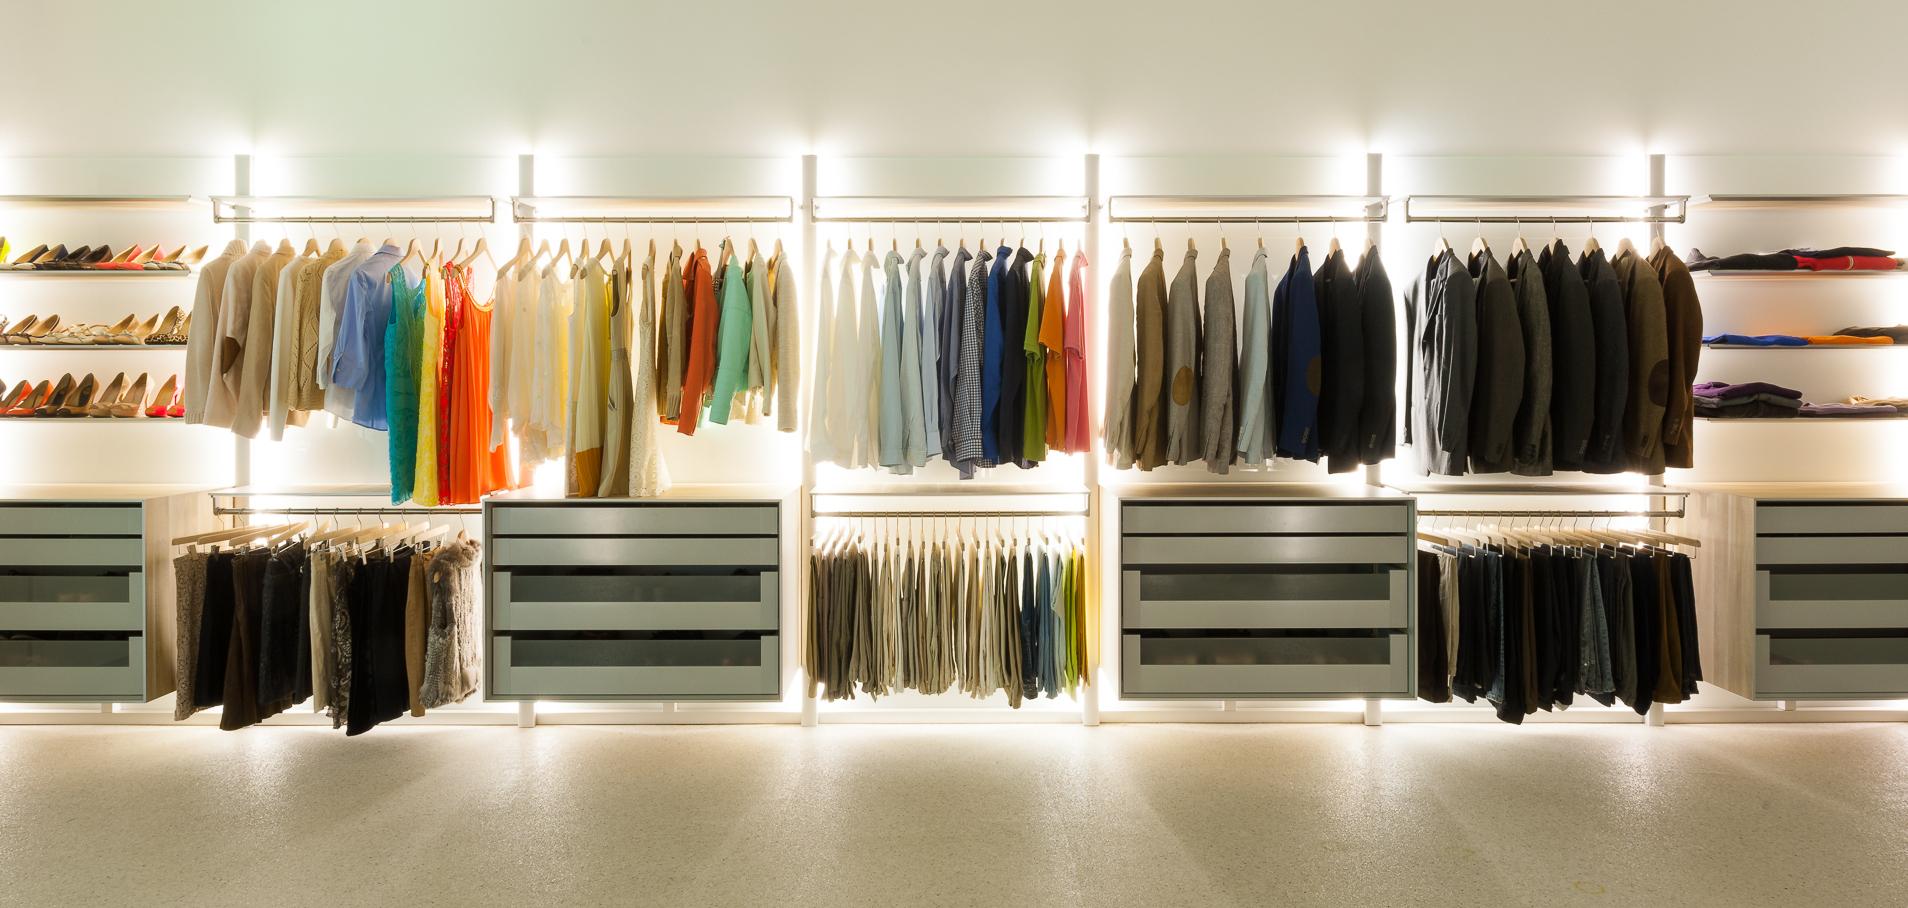 DRESS-A-WAY - Inloopkasten, inbouwkasten en dressings op maat.